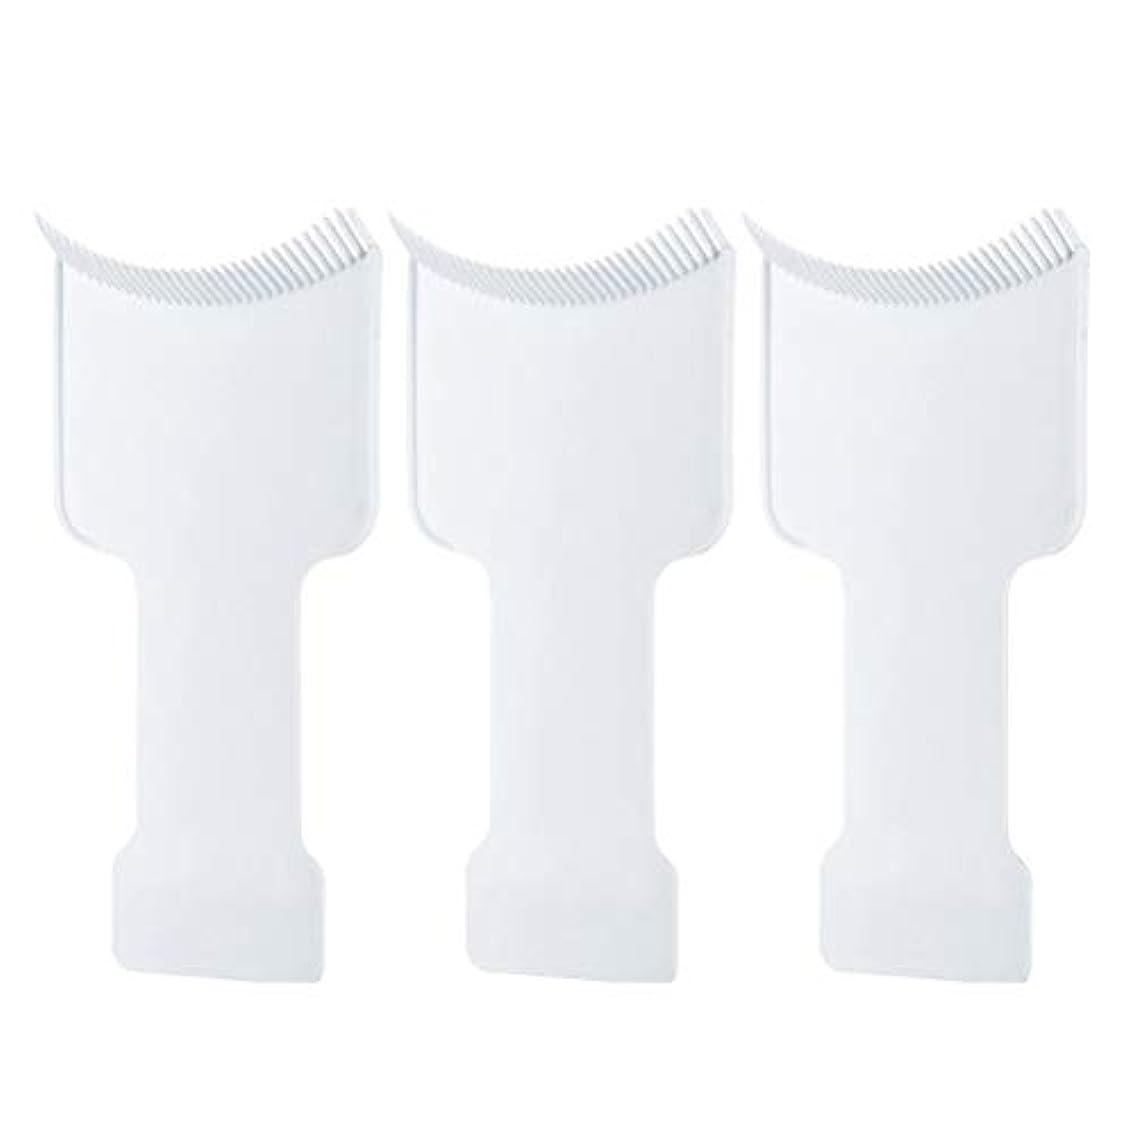 防止二黄ばむFrcolor ヘアダイブラシ ヘアダイコーム ヘアカラー 毛染め ヘアスタイリング 家庭用 美容師プロ用 プラスチック製 3点セット(ホワイト)